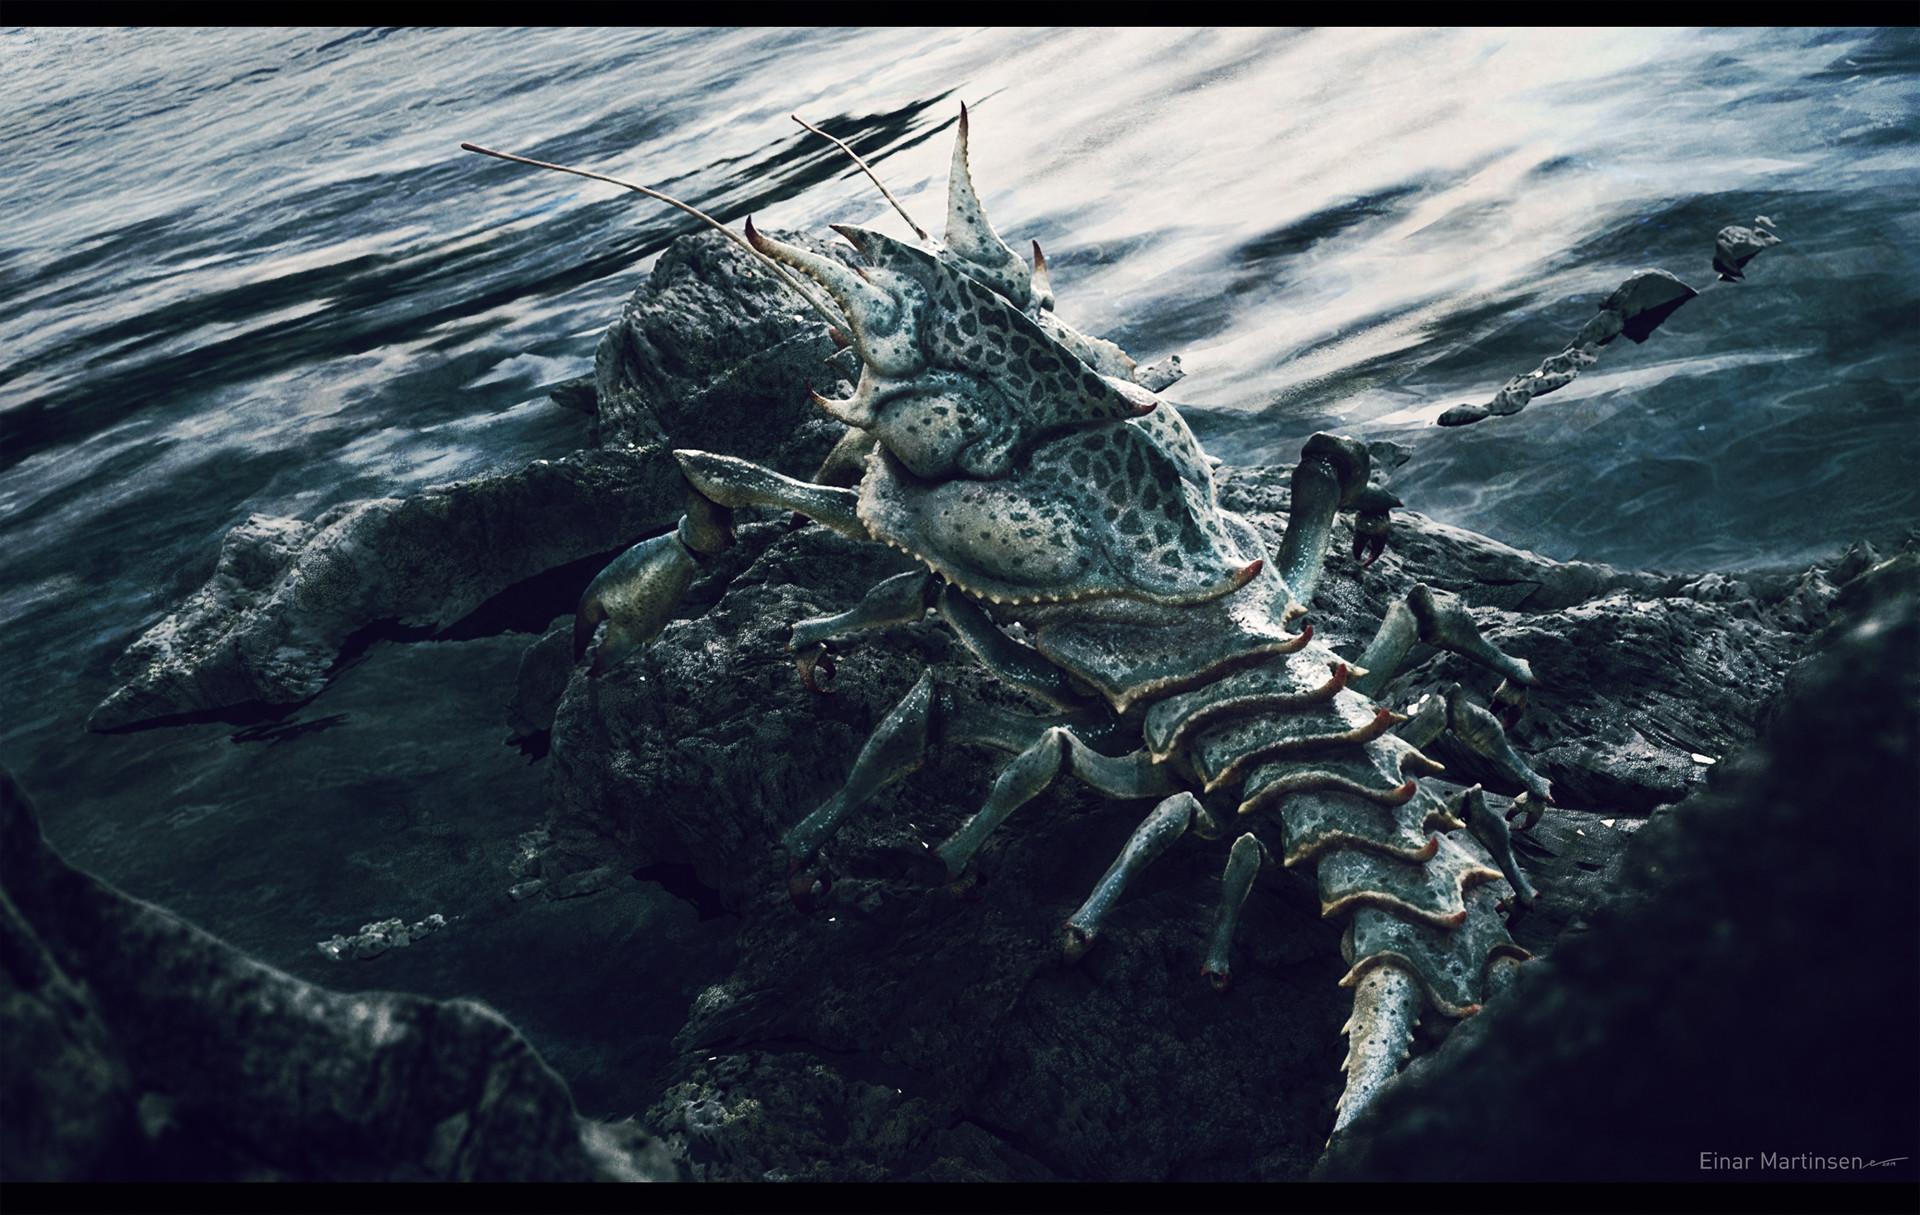 Einar martinsen alien crab einar martinsen 02